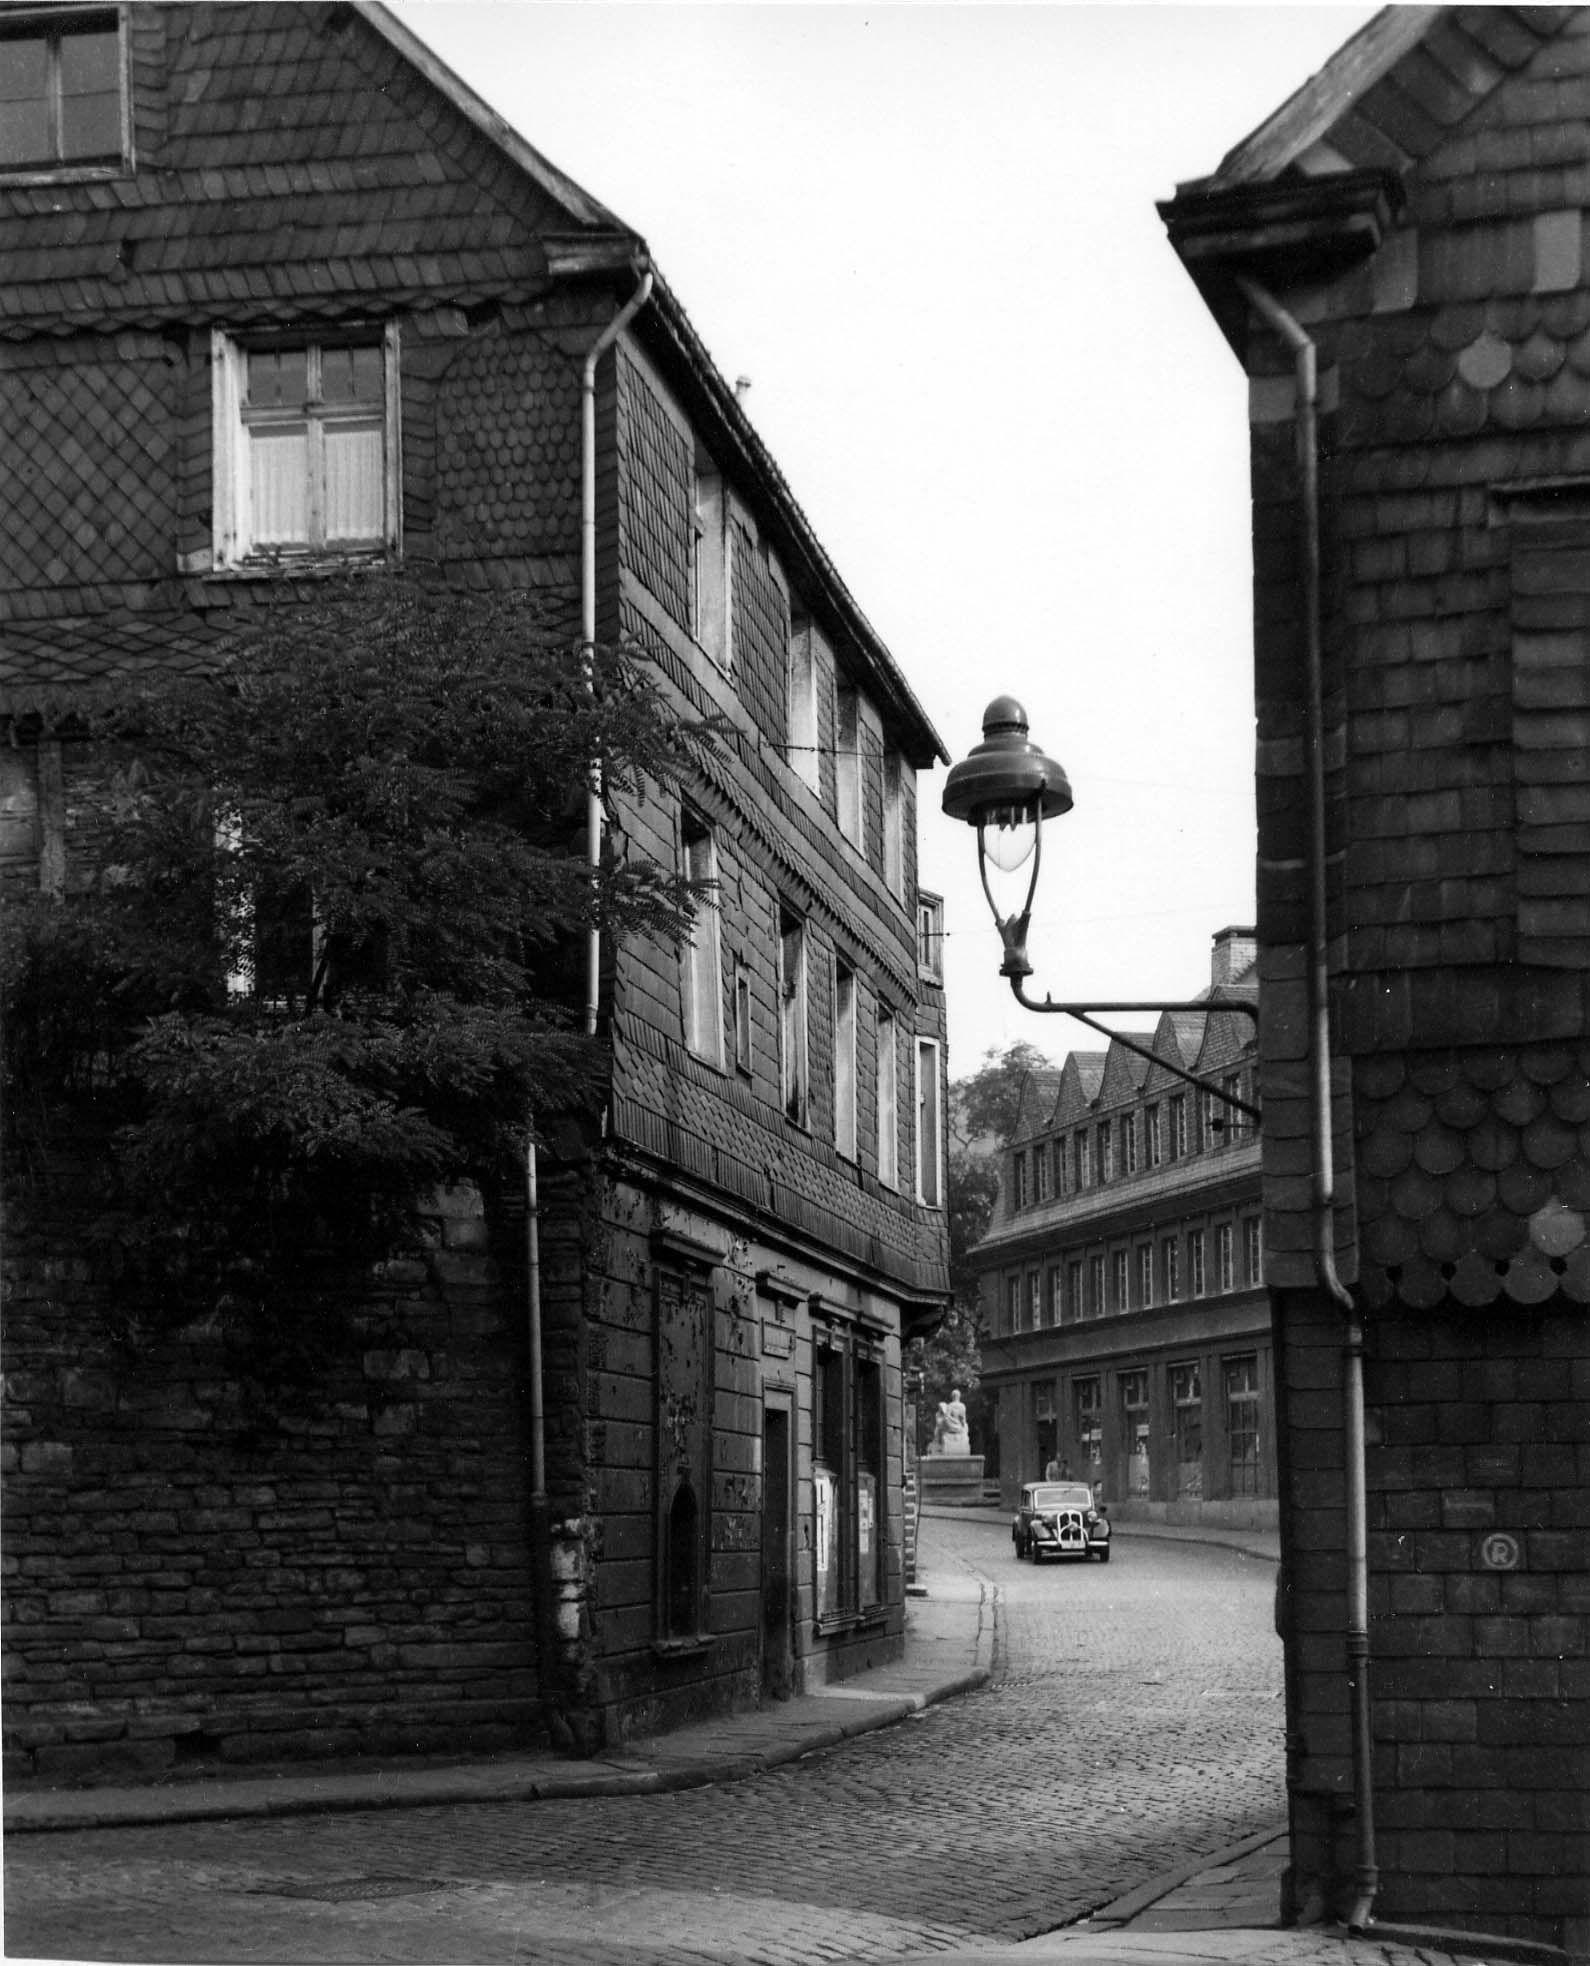 Hauptstraße, Schuhaus Fiege, 30er Jahre, Herdecke